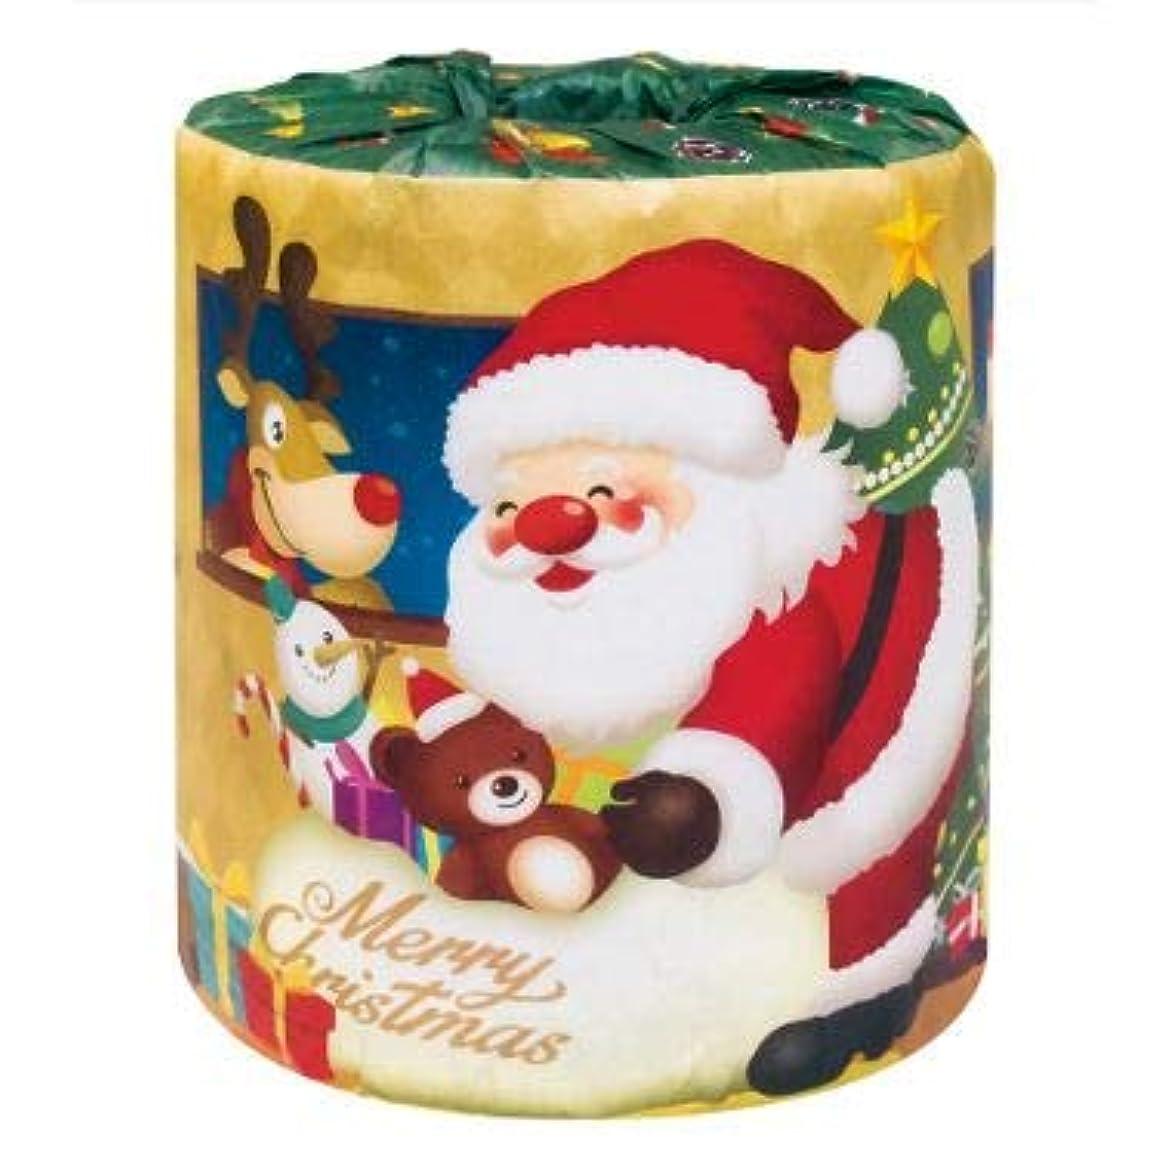 生産的ウール政策【サンタロール1Rトイレットペーパー 1ケース100個入】Xmas クリスマス パーティー イベント用 催事 販促用 粗品 ディスプレイ 積み上げ